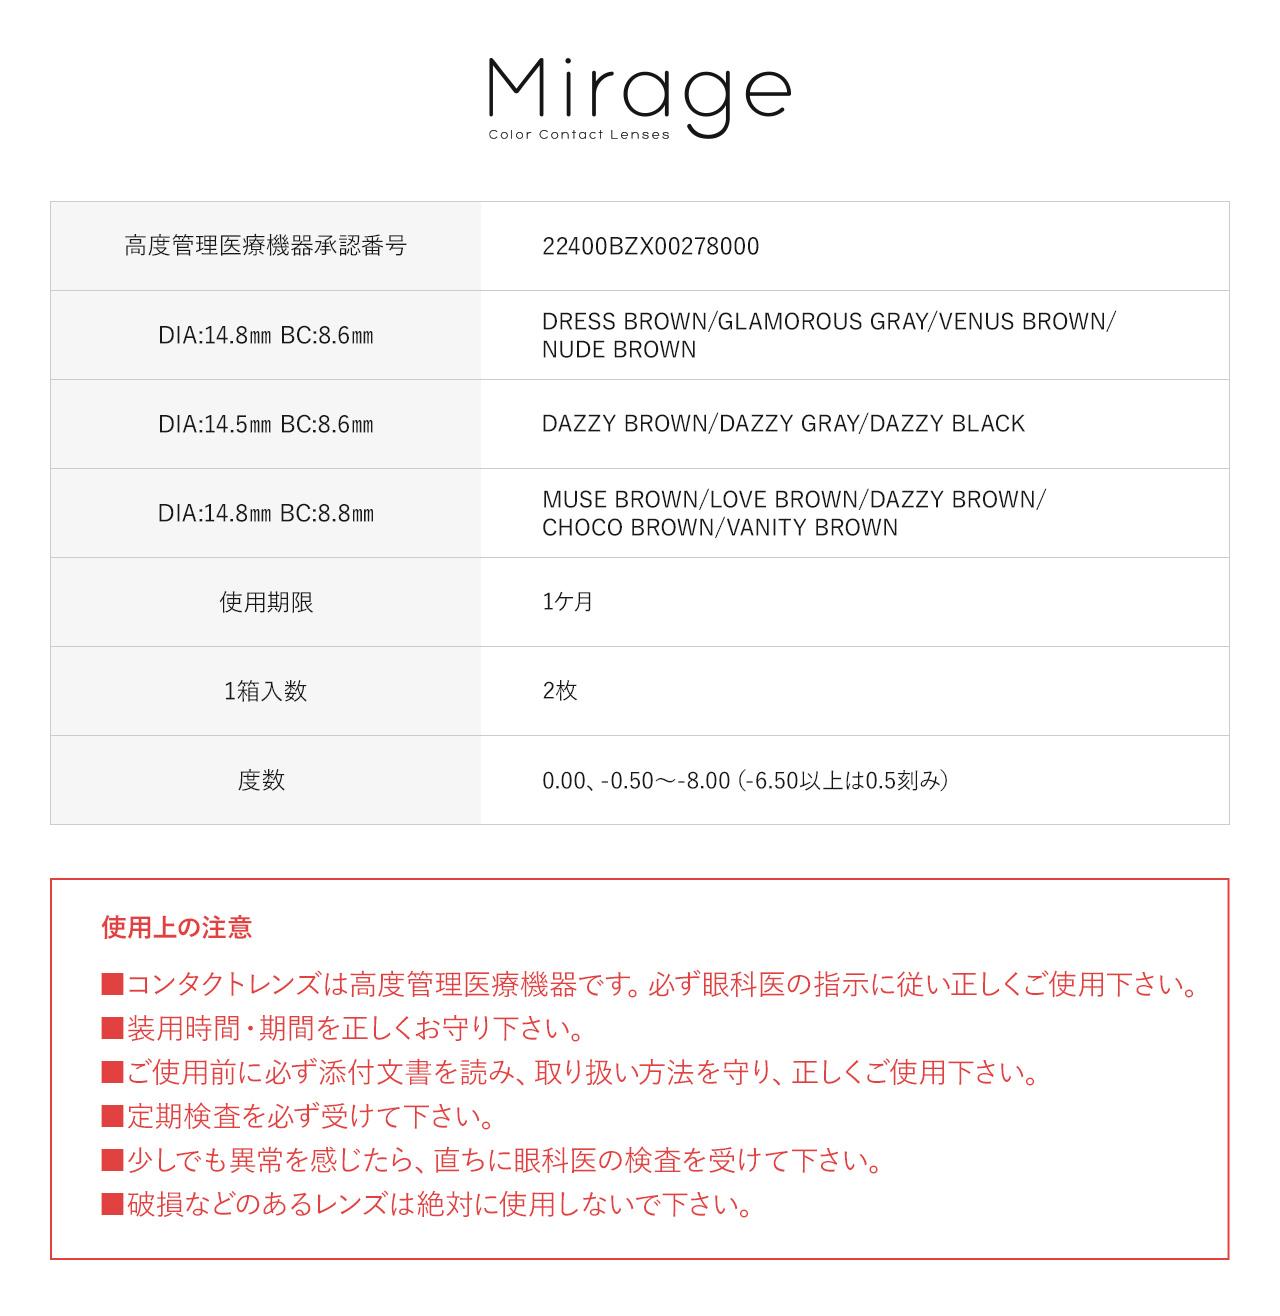 (ゆうパケット送料無料)■Mirage(ミラージュ)4新色追加でリニューアル♪直径14.8mm/14.5mm【度あり・度なし】【2枚入×1箱】(1ヶ月使い捨てカラコン)【代金引換・同梱・日時指定不可】